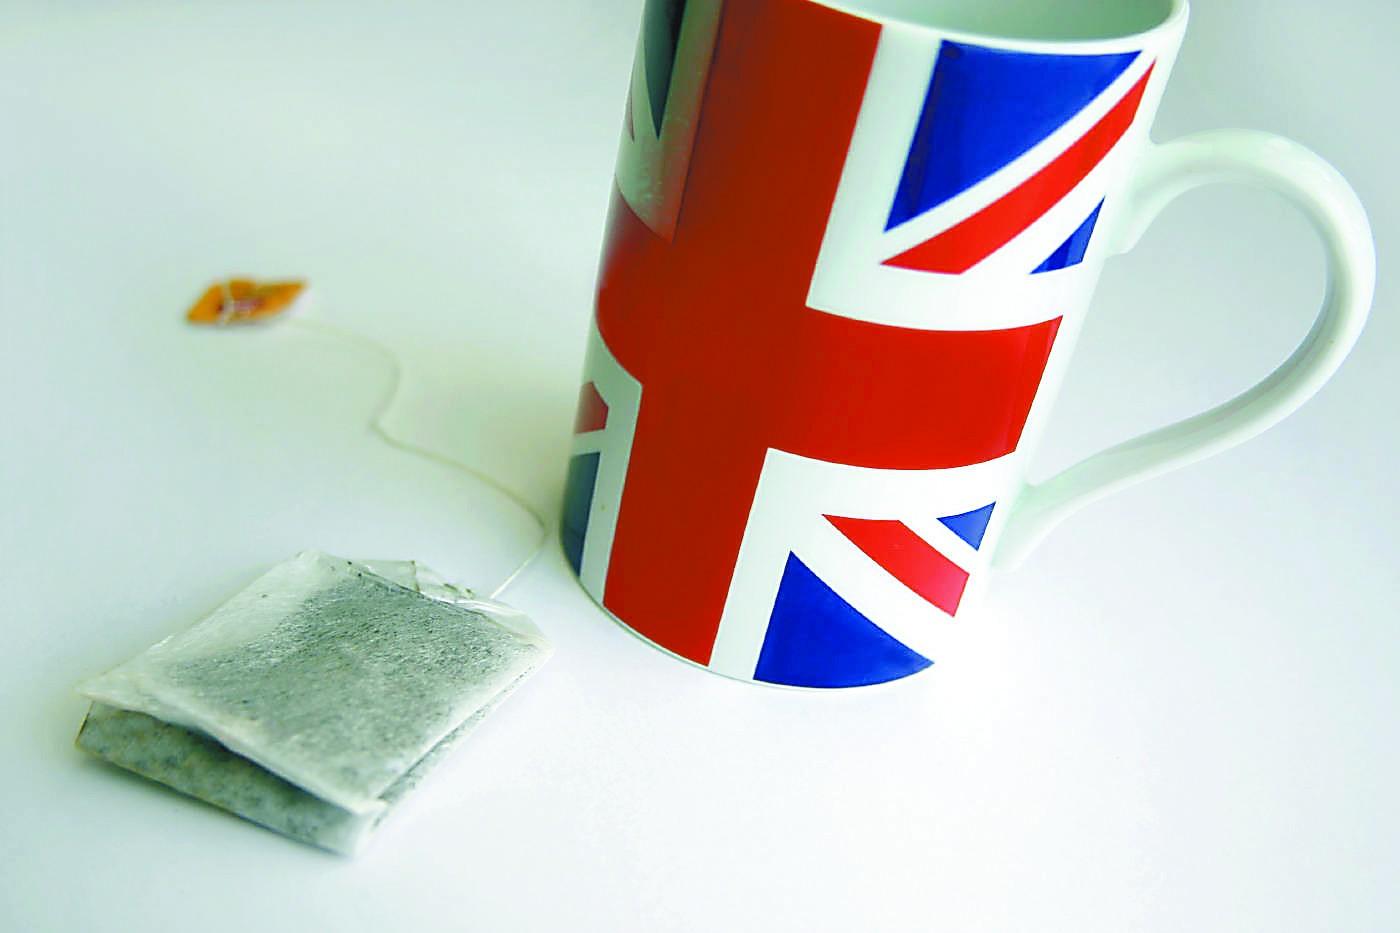 英国人喝茶,不再流行贵族范?